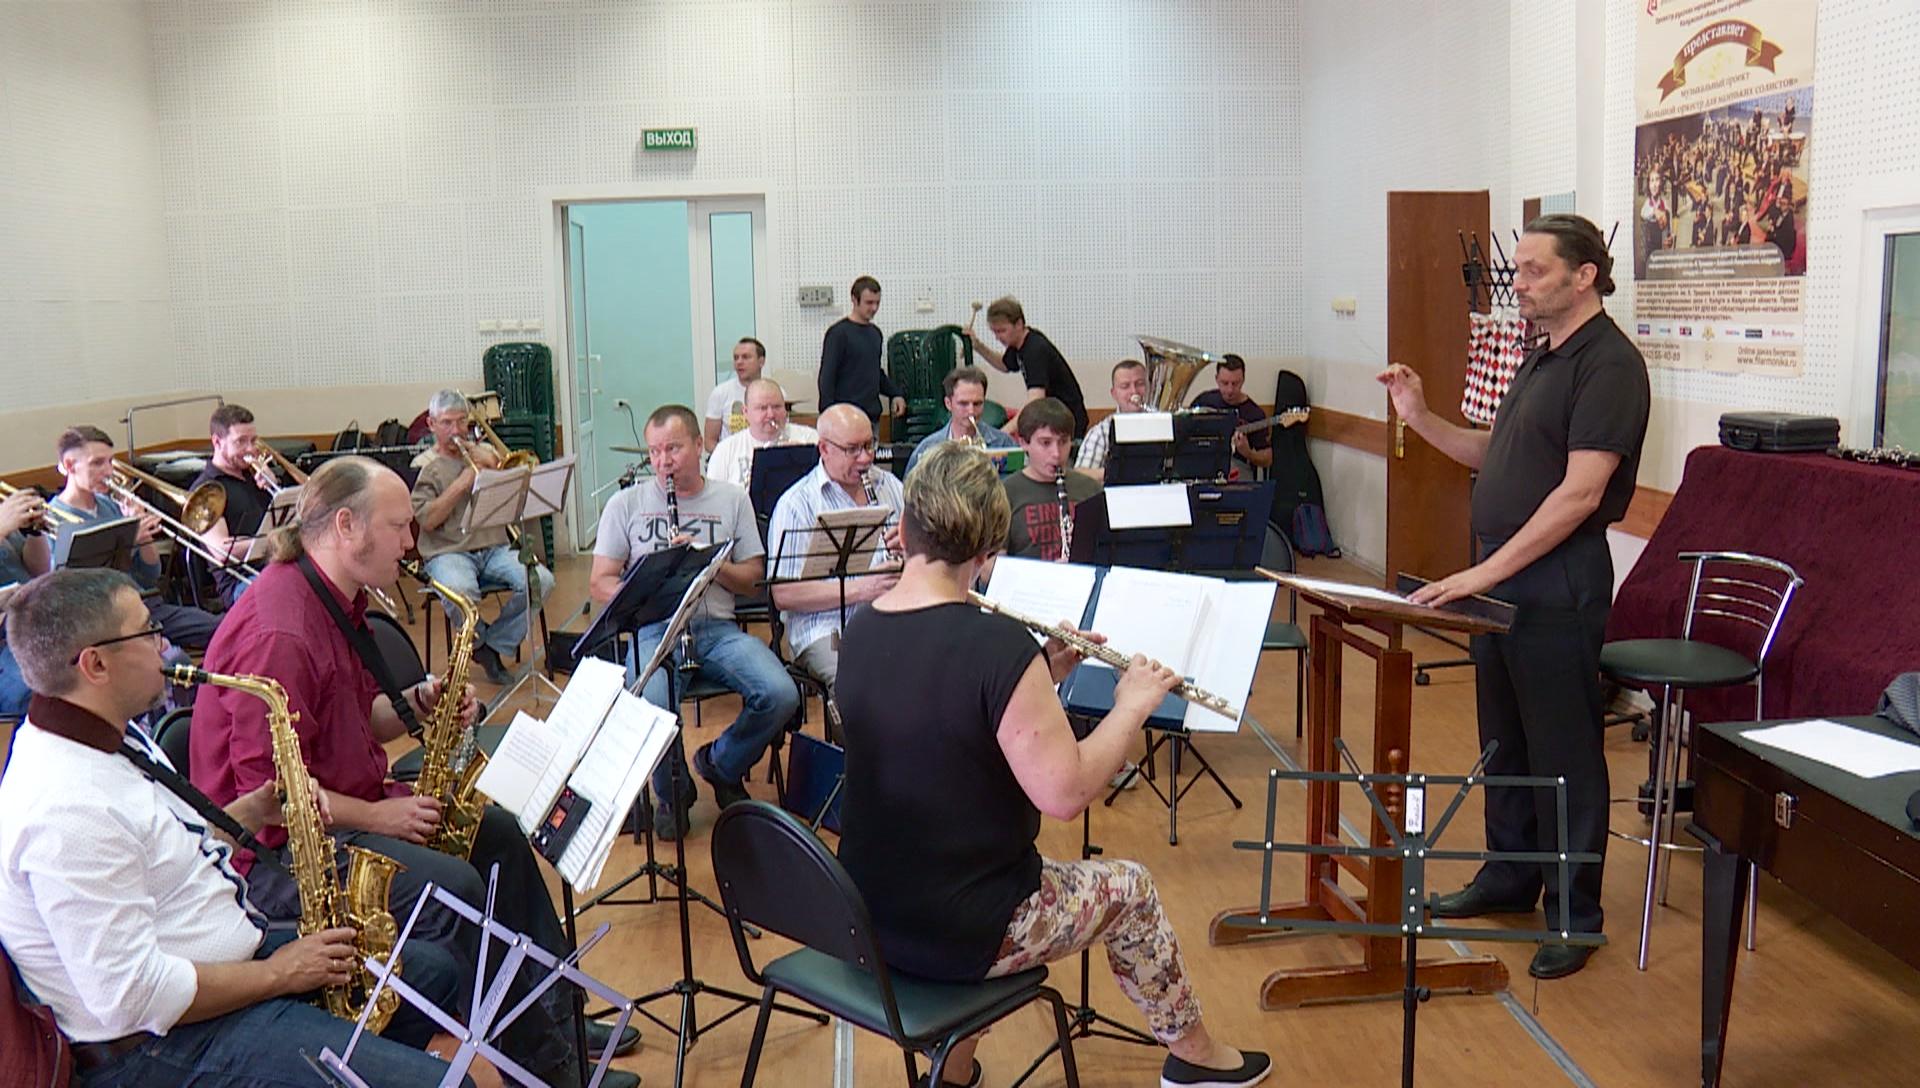 Белгородцы отпразднуют 75-летие победы вКурской борьбе парадом духовых оркестров